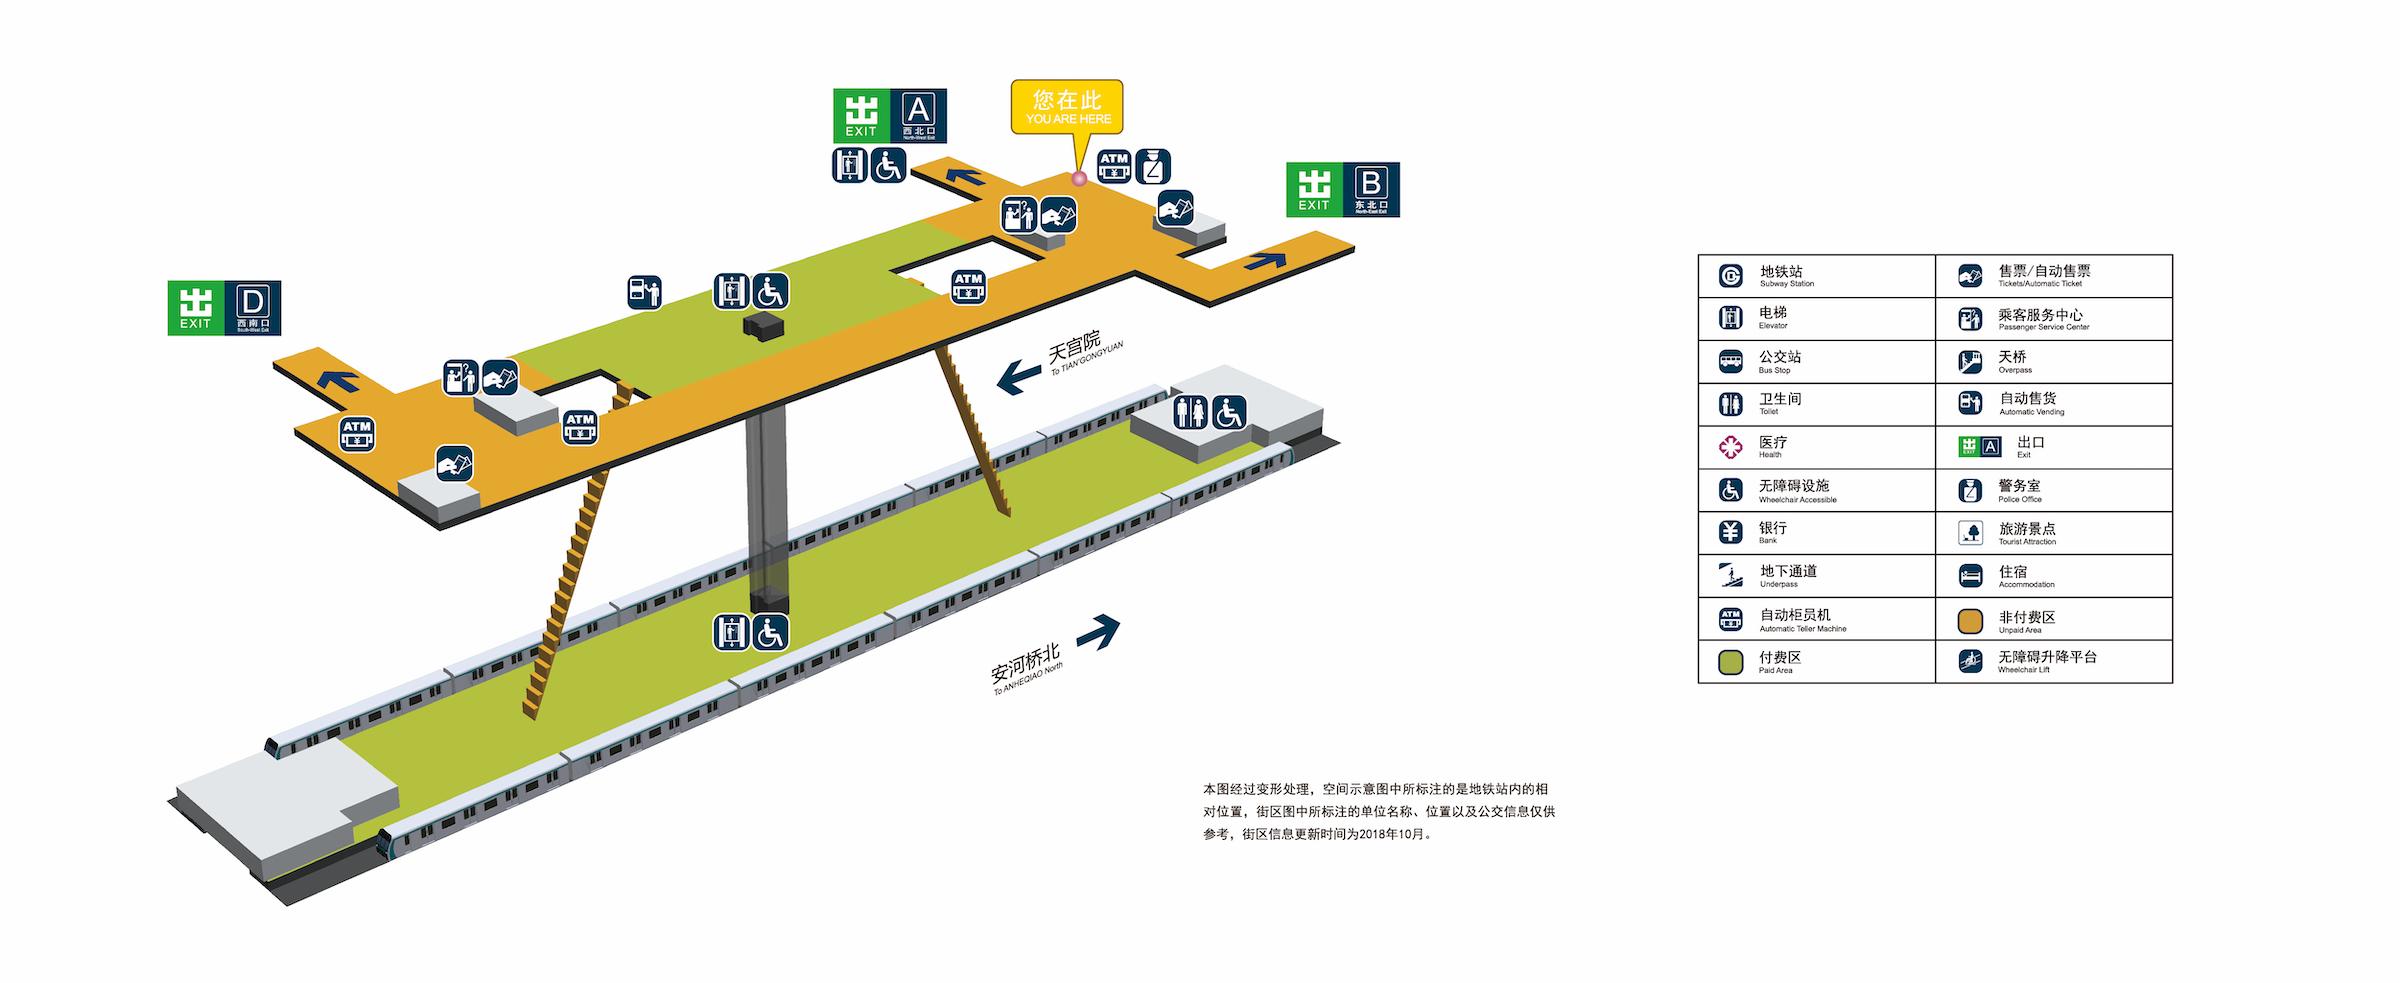 魏公村站立体图